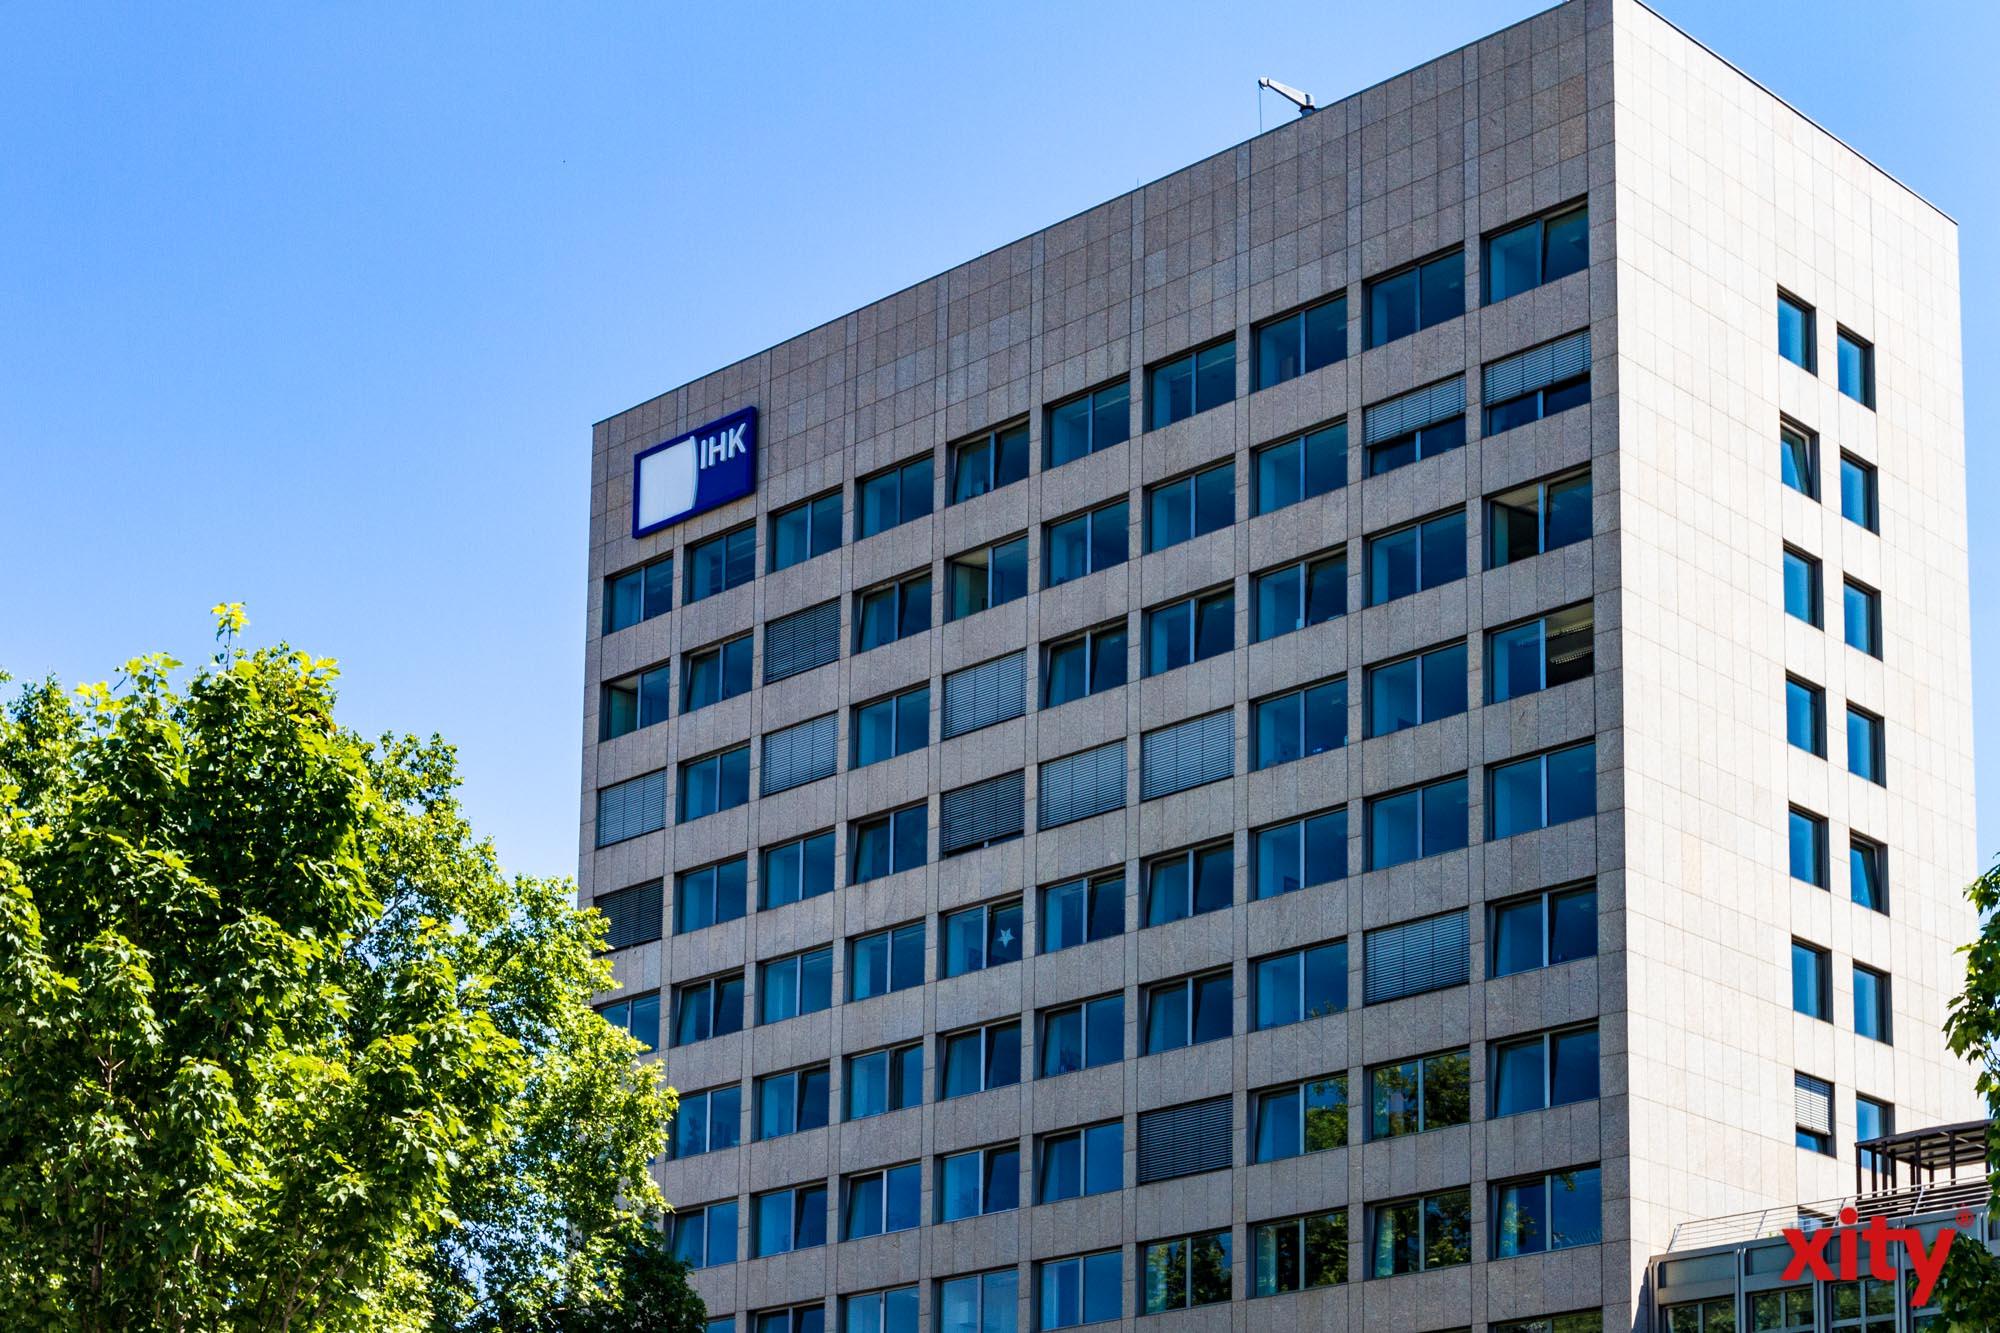 Die IHK Düsseldorf bietet Erstberatung zum Kurzarbeitergeld an. (Foto: xity)